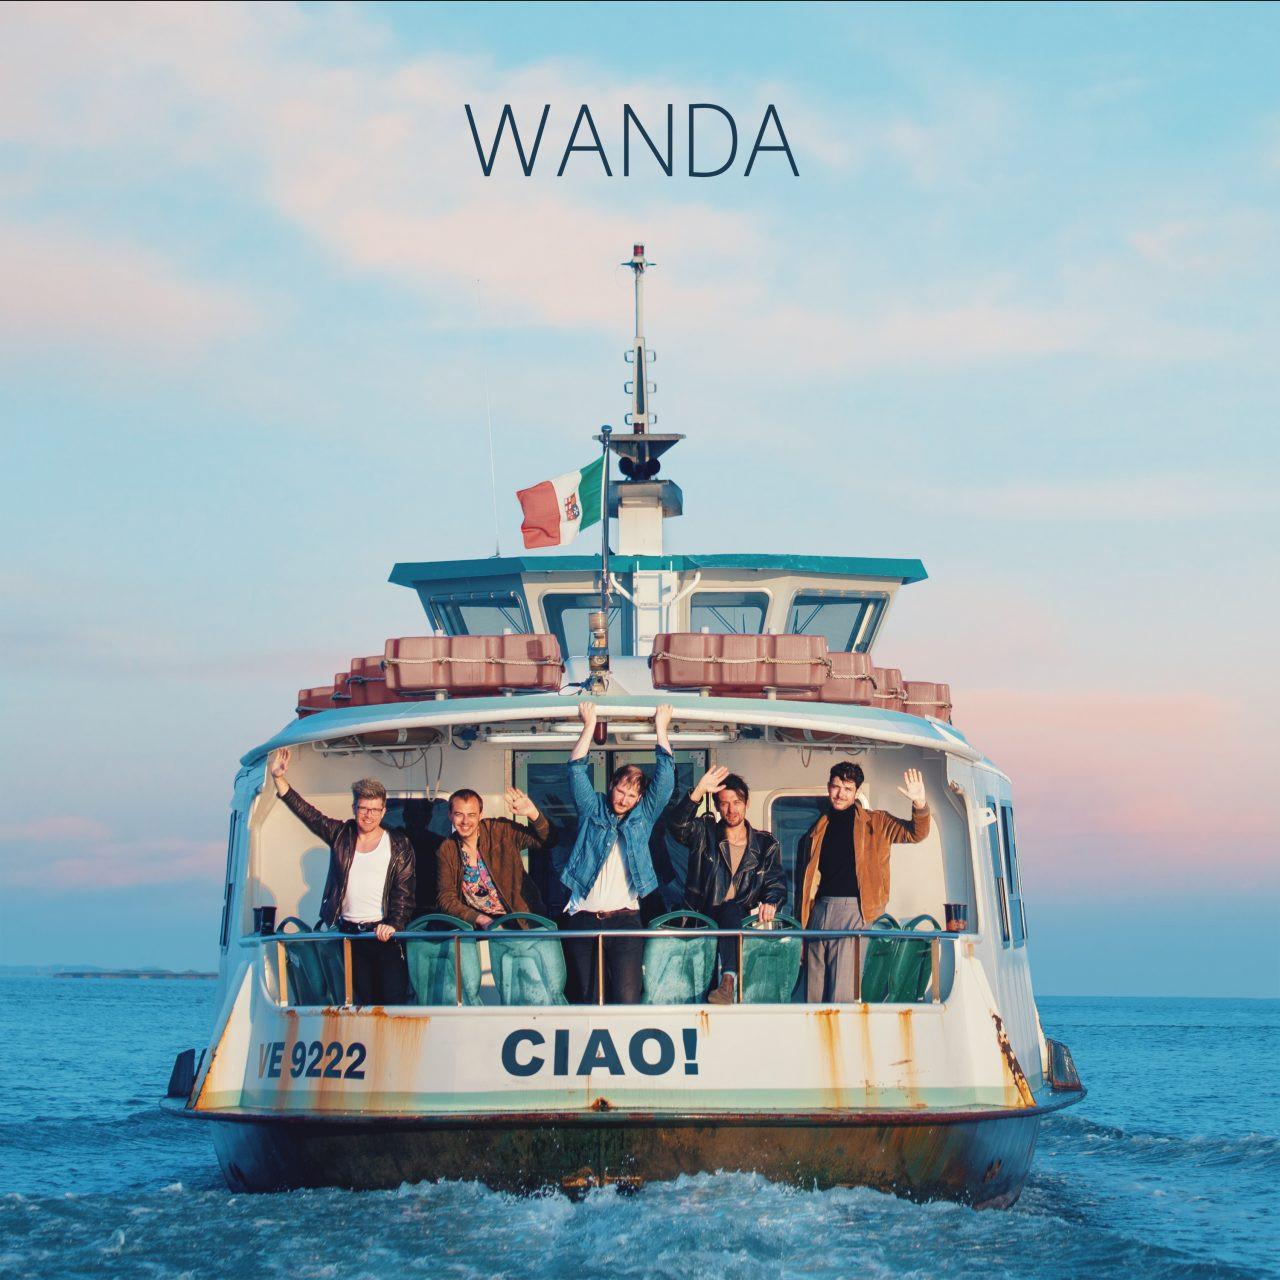 Wanda auf einem Schiff